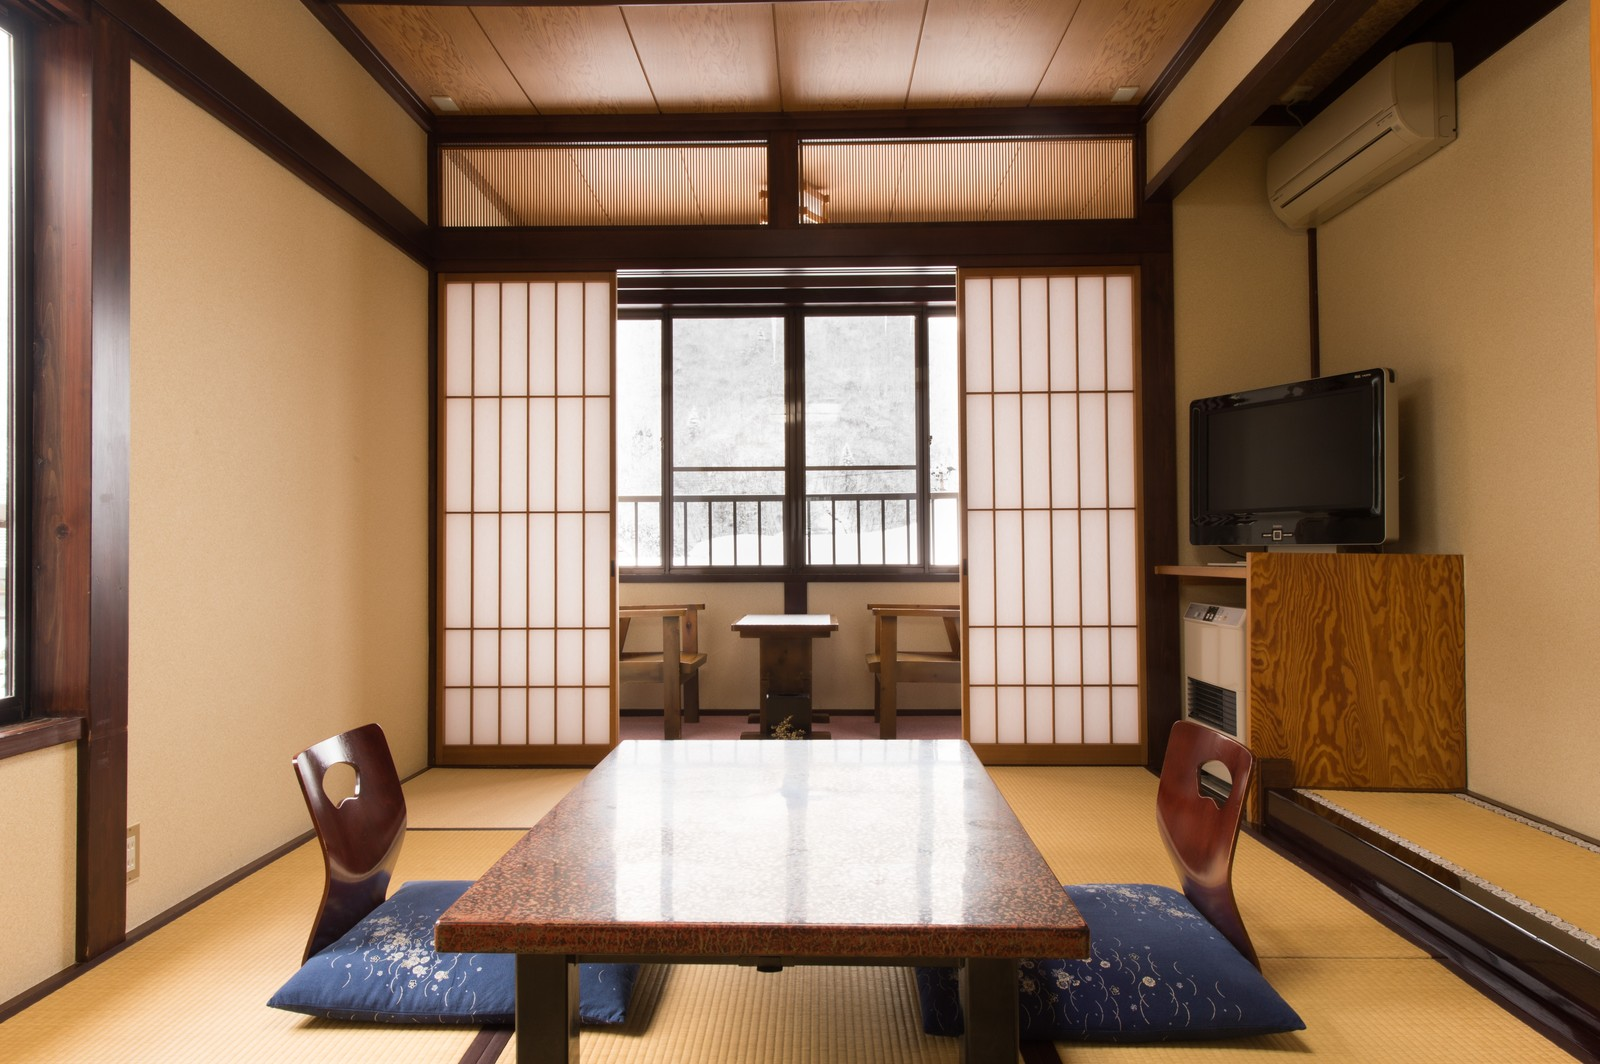 「奥飛騨温泉郷・平湯温泉にあるお宿・栄太郎の和室」の写真